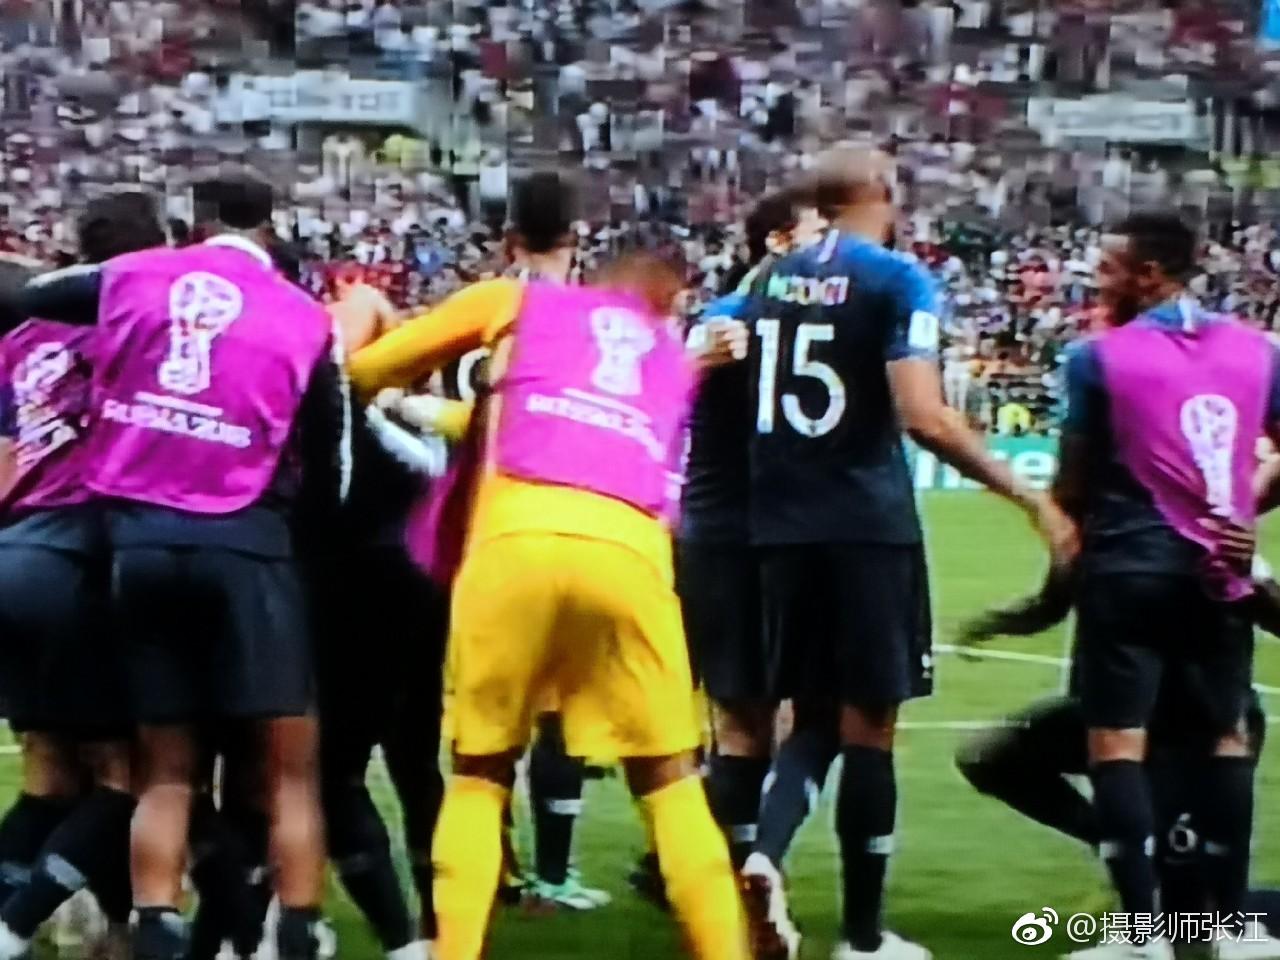 2018俄罗斯世界杯决赛,法国对阵克罗地亚,比赛进行到65分钟_新浪看点